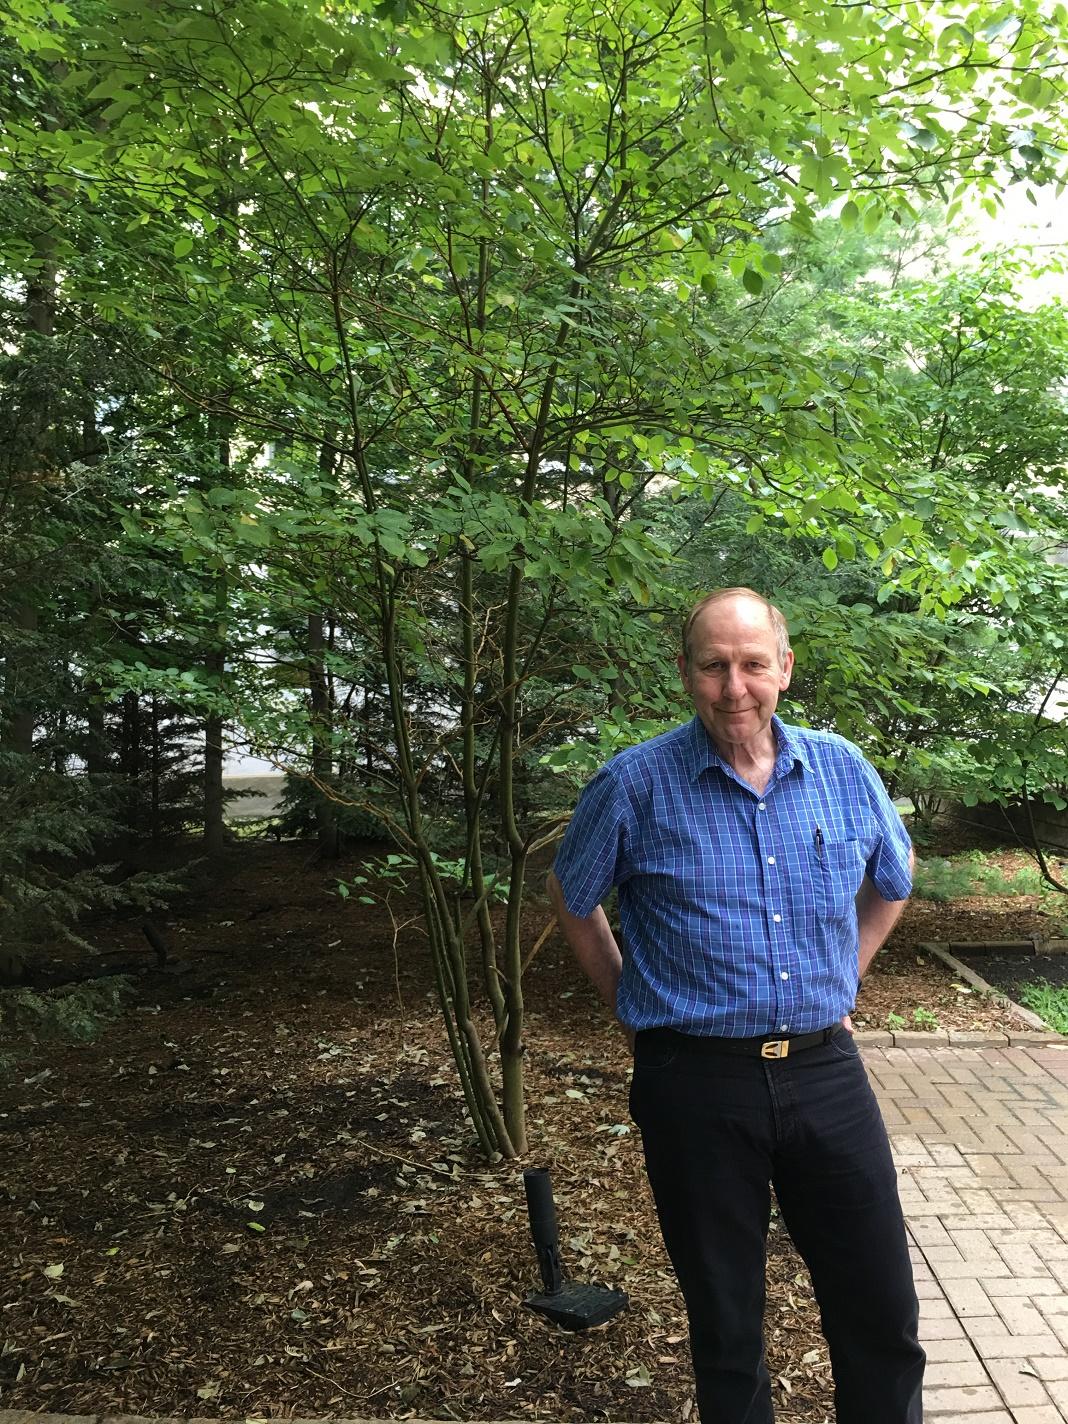 Al Crosby, en visite dans la cour de la cafétéria à Montfort